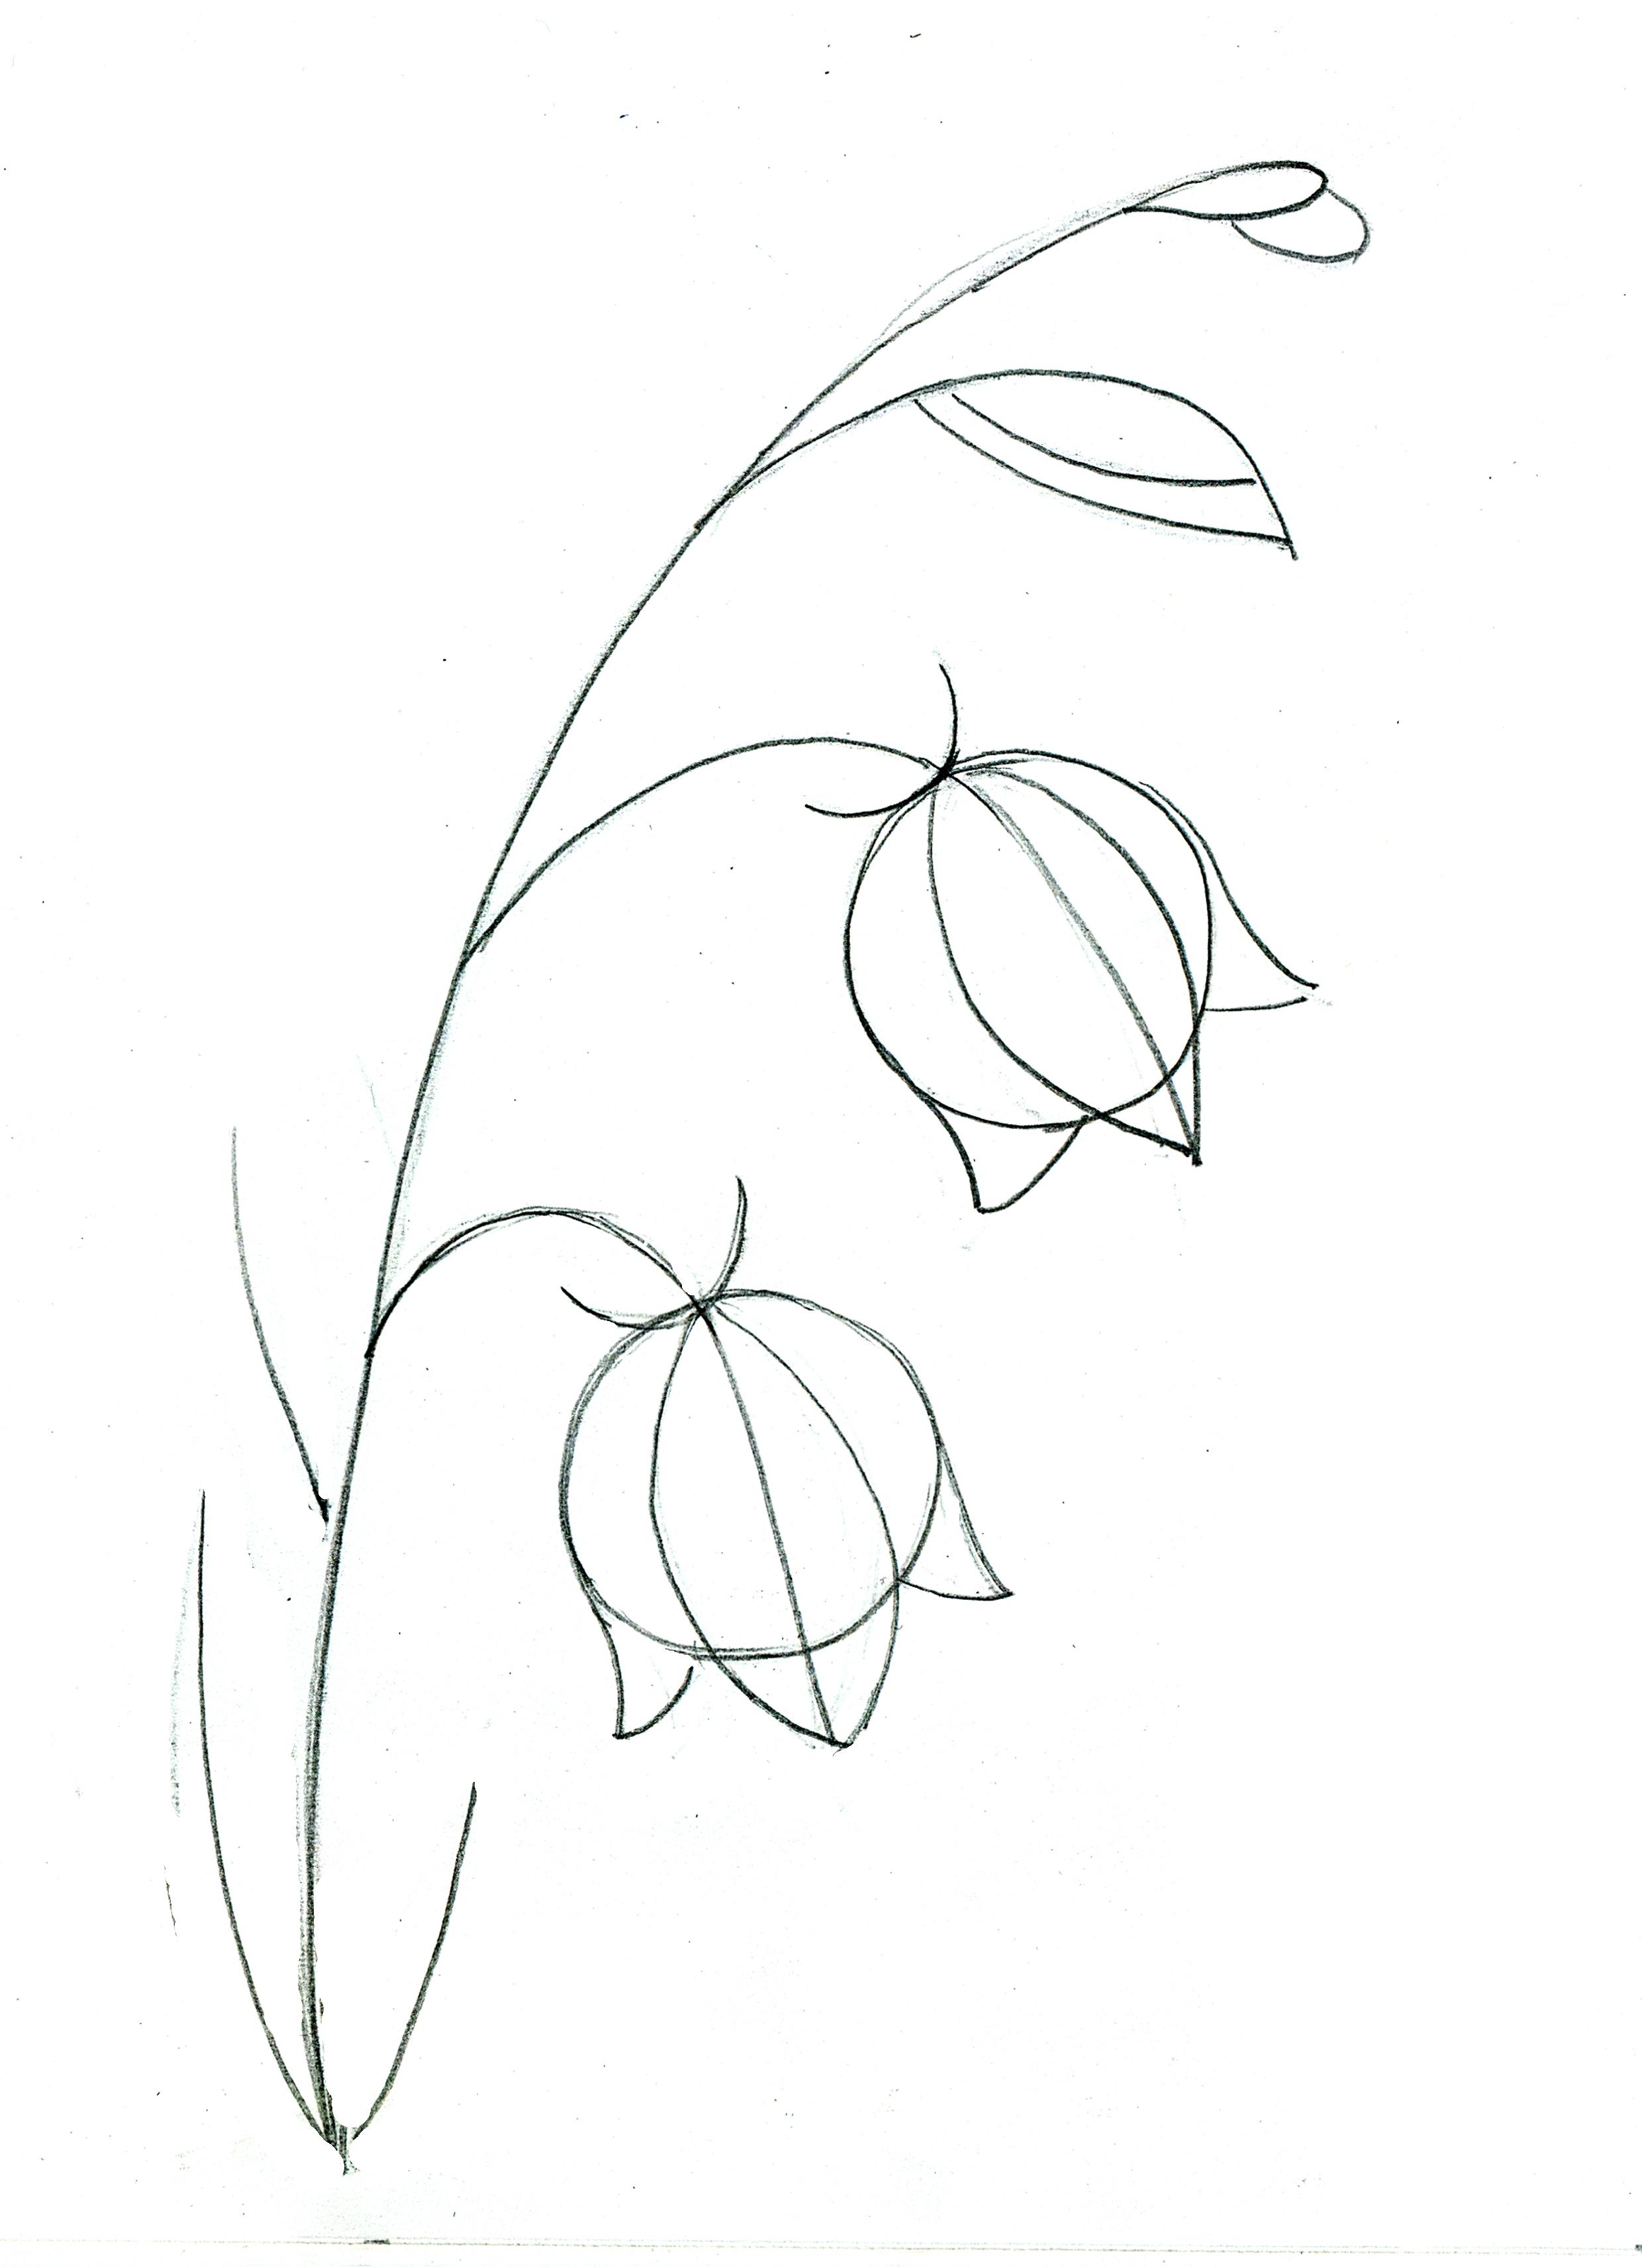 Рисуем цветок - колокольчик поэтапно цветными карандашами STABILO CarbOthello